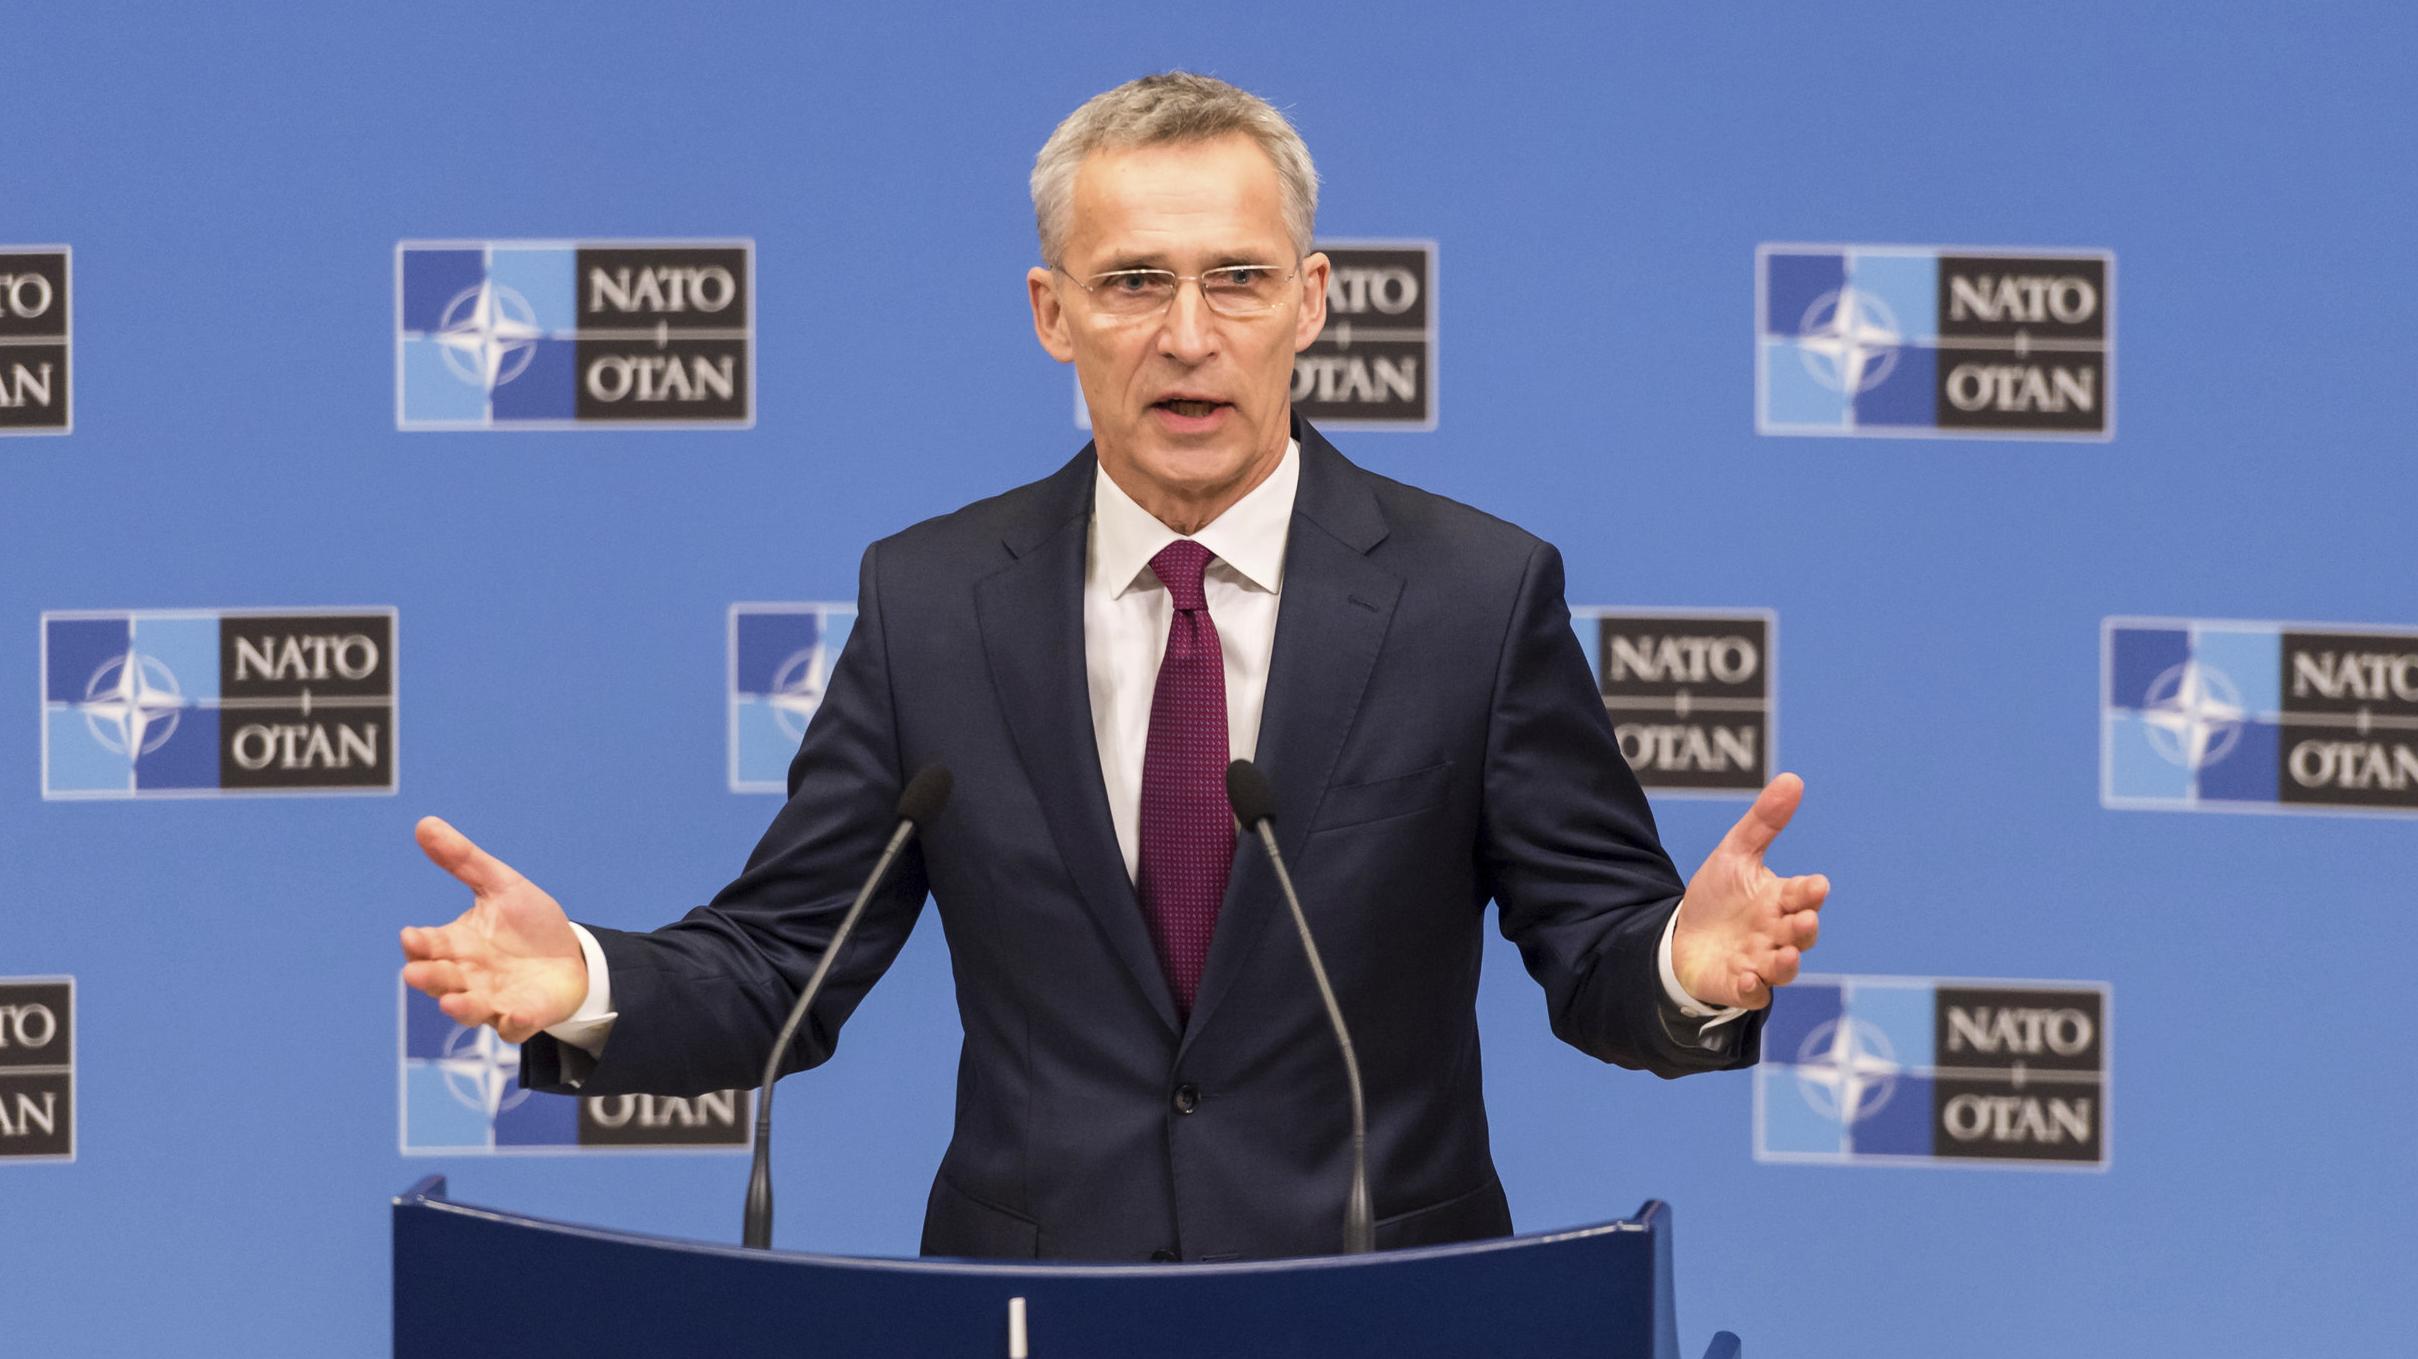 NATO-Generalsekretär Jens Stoltenberg stellt Jahresbericht 2018 vor